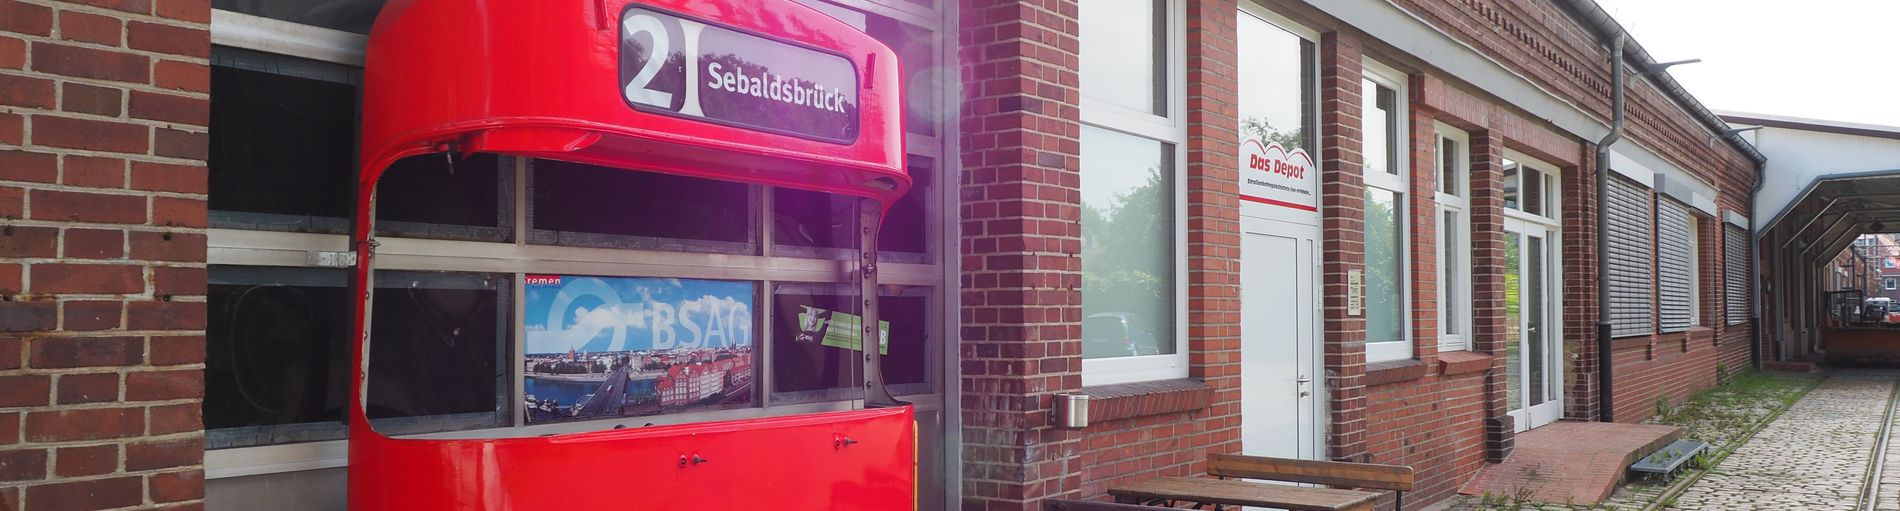 Der Eingangsbereich vom Straßenbahnmuseum in Sebaldsbrück mit der Front einer roten Straßenbahn